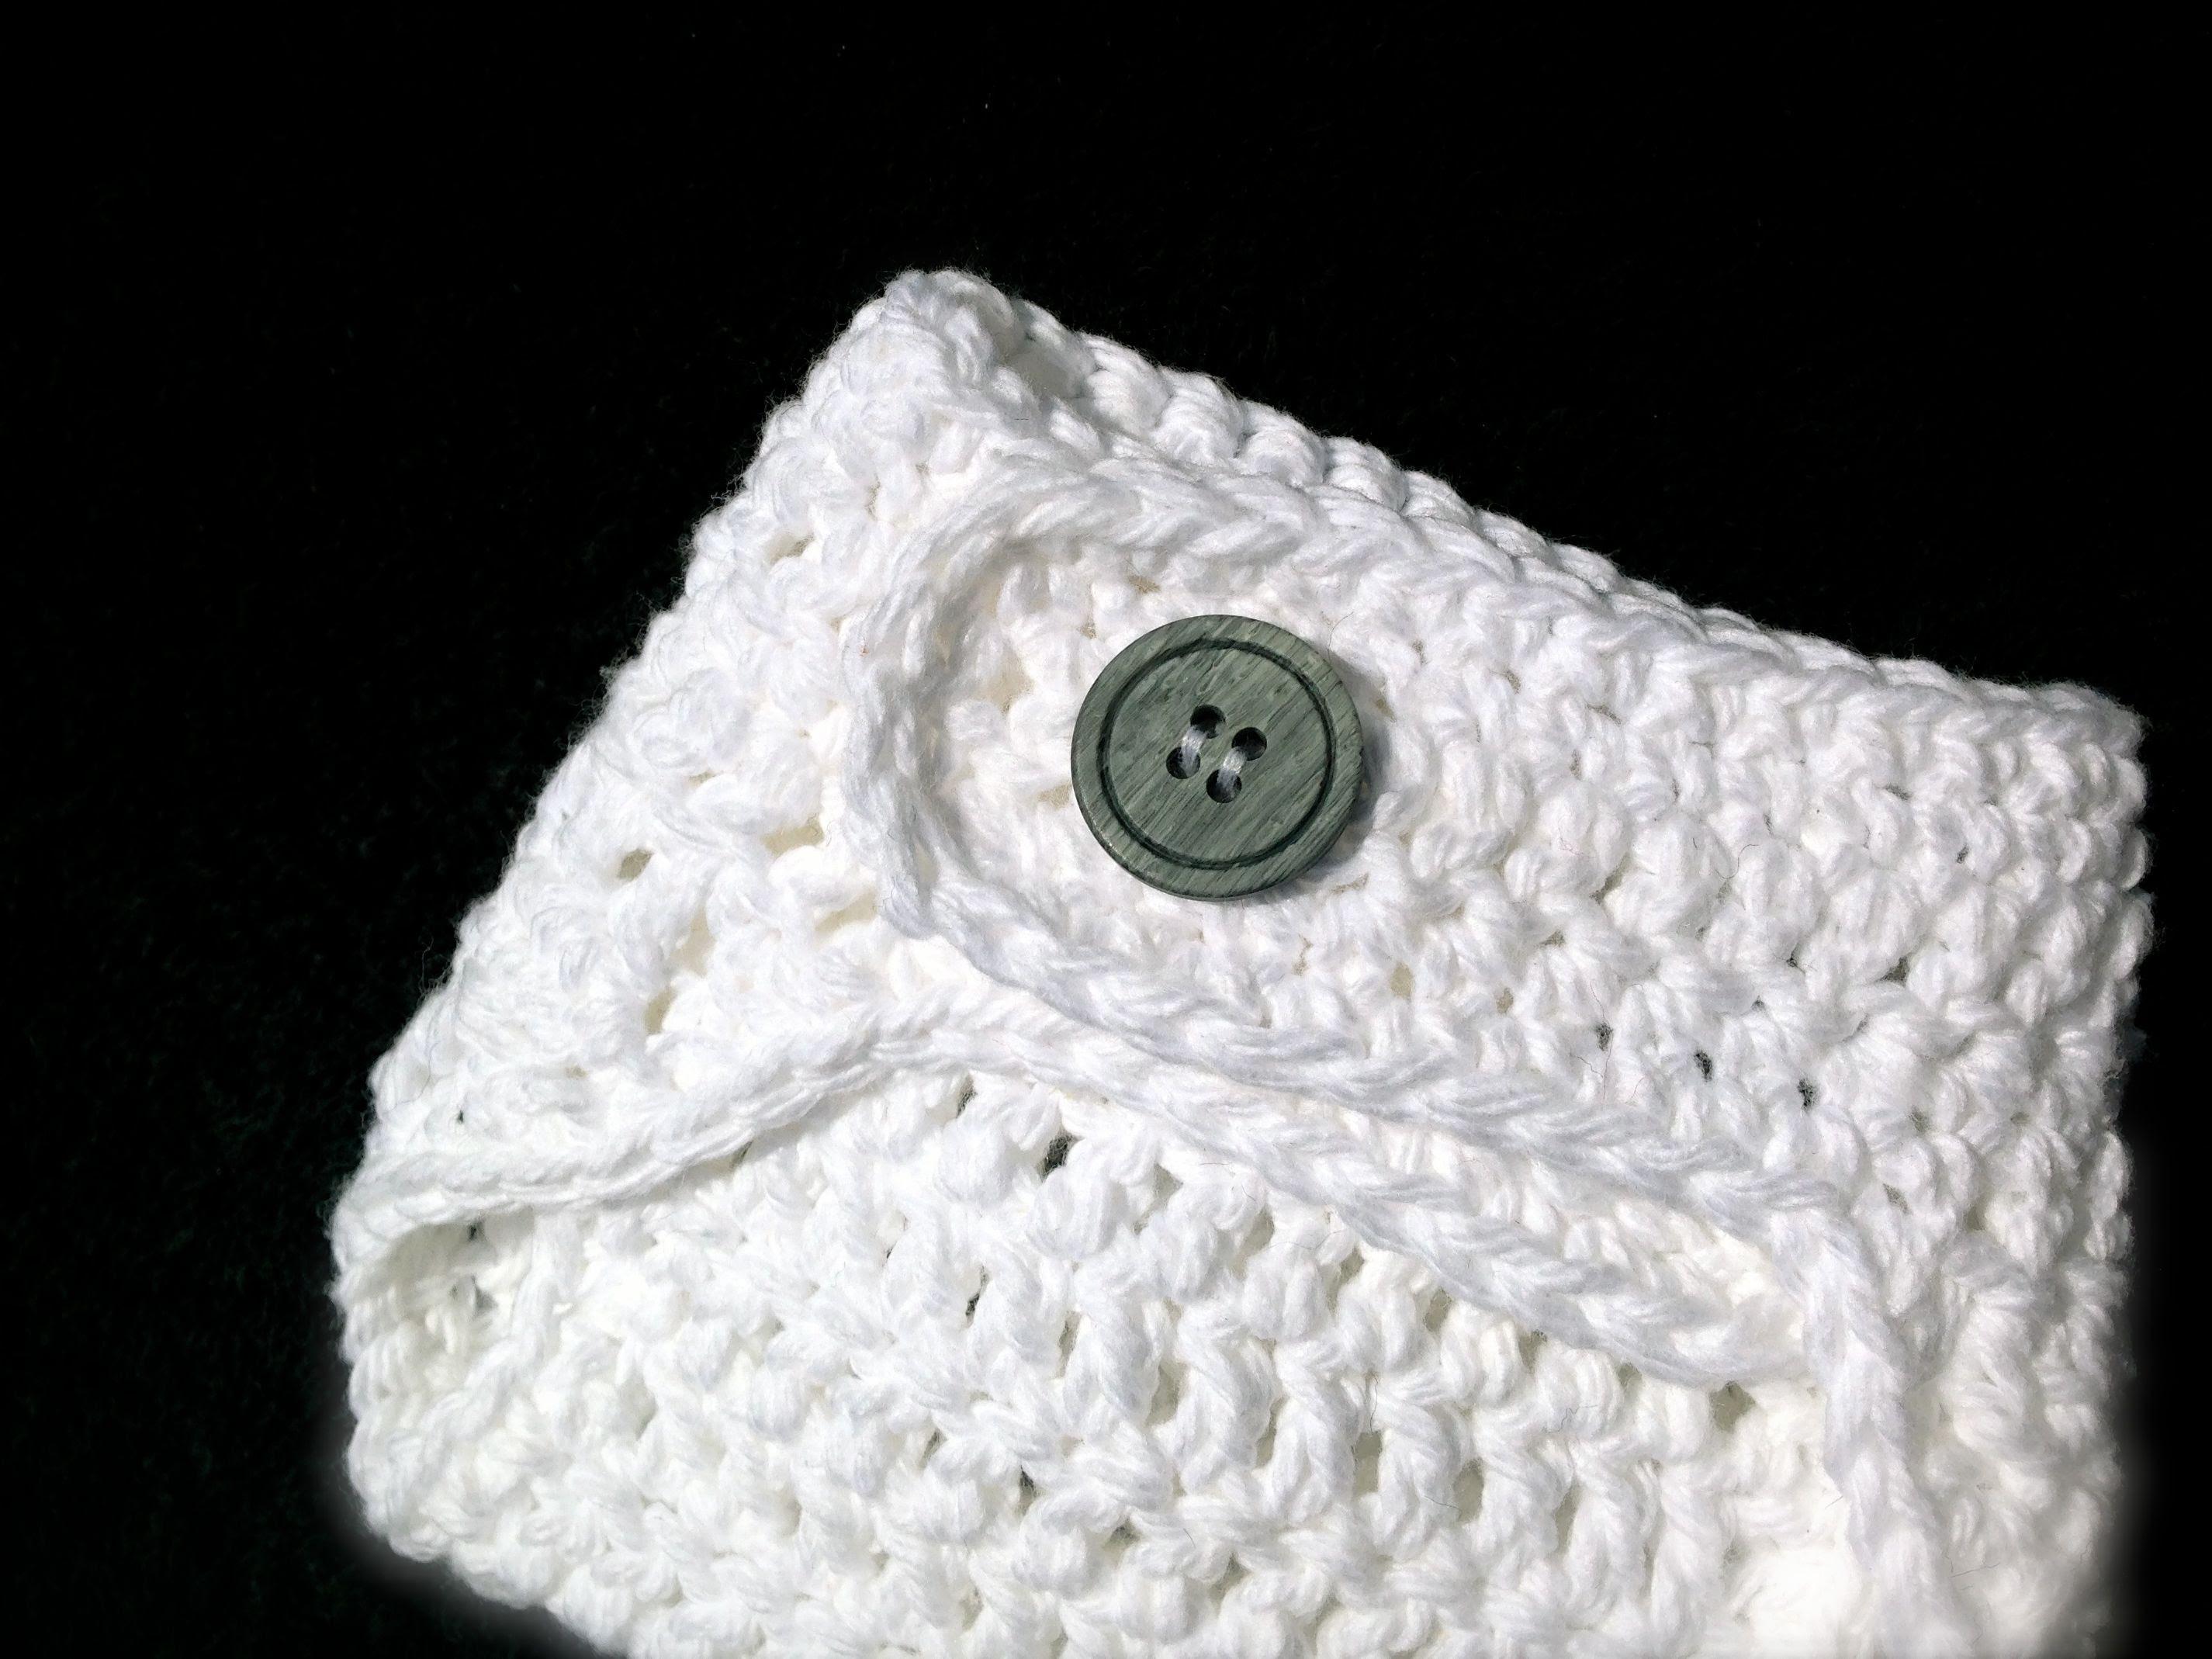 Newborn Baby Diaper Cover Crochet Pattern Free - Newborn baby | 2138x2851